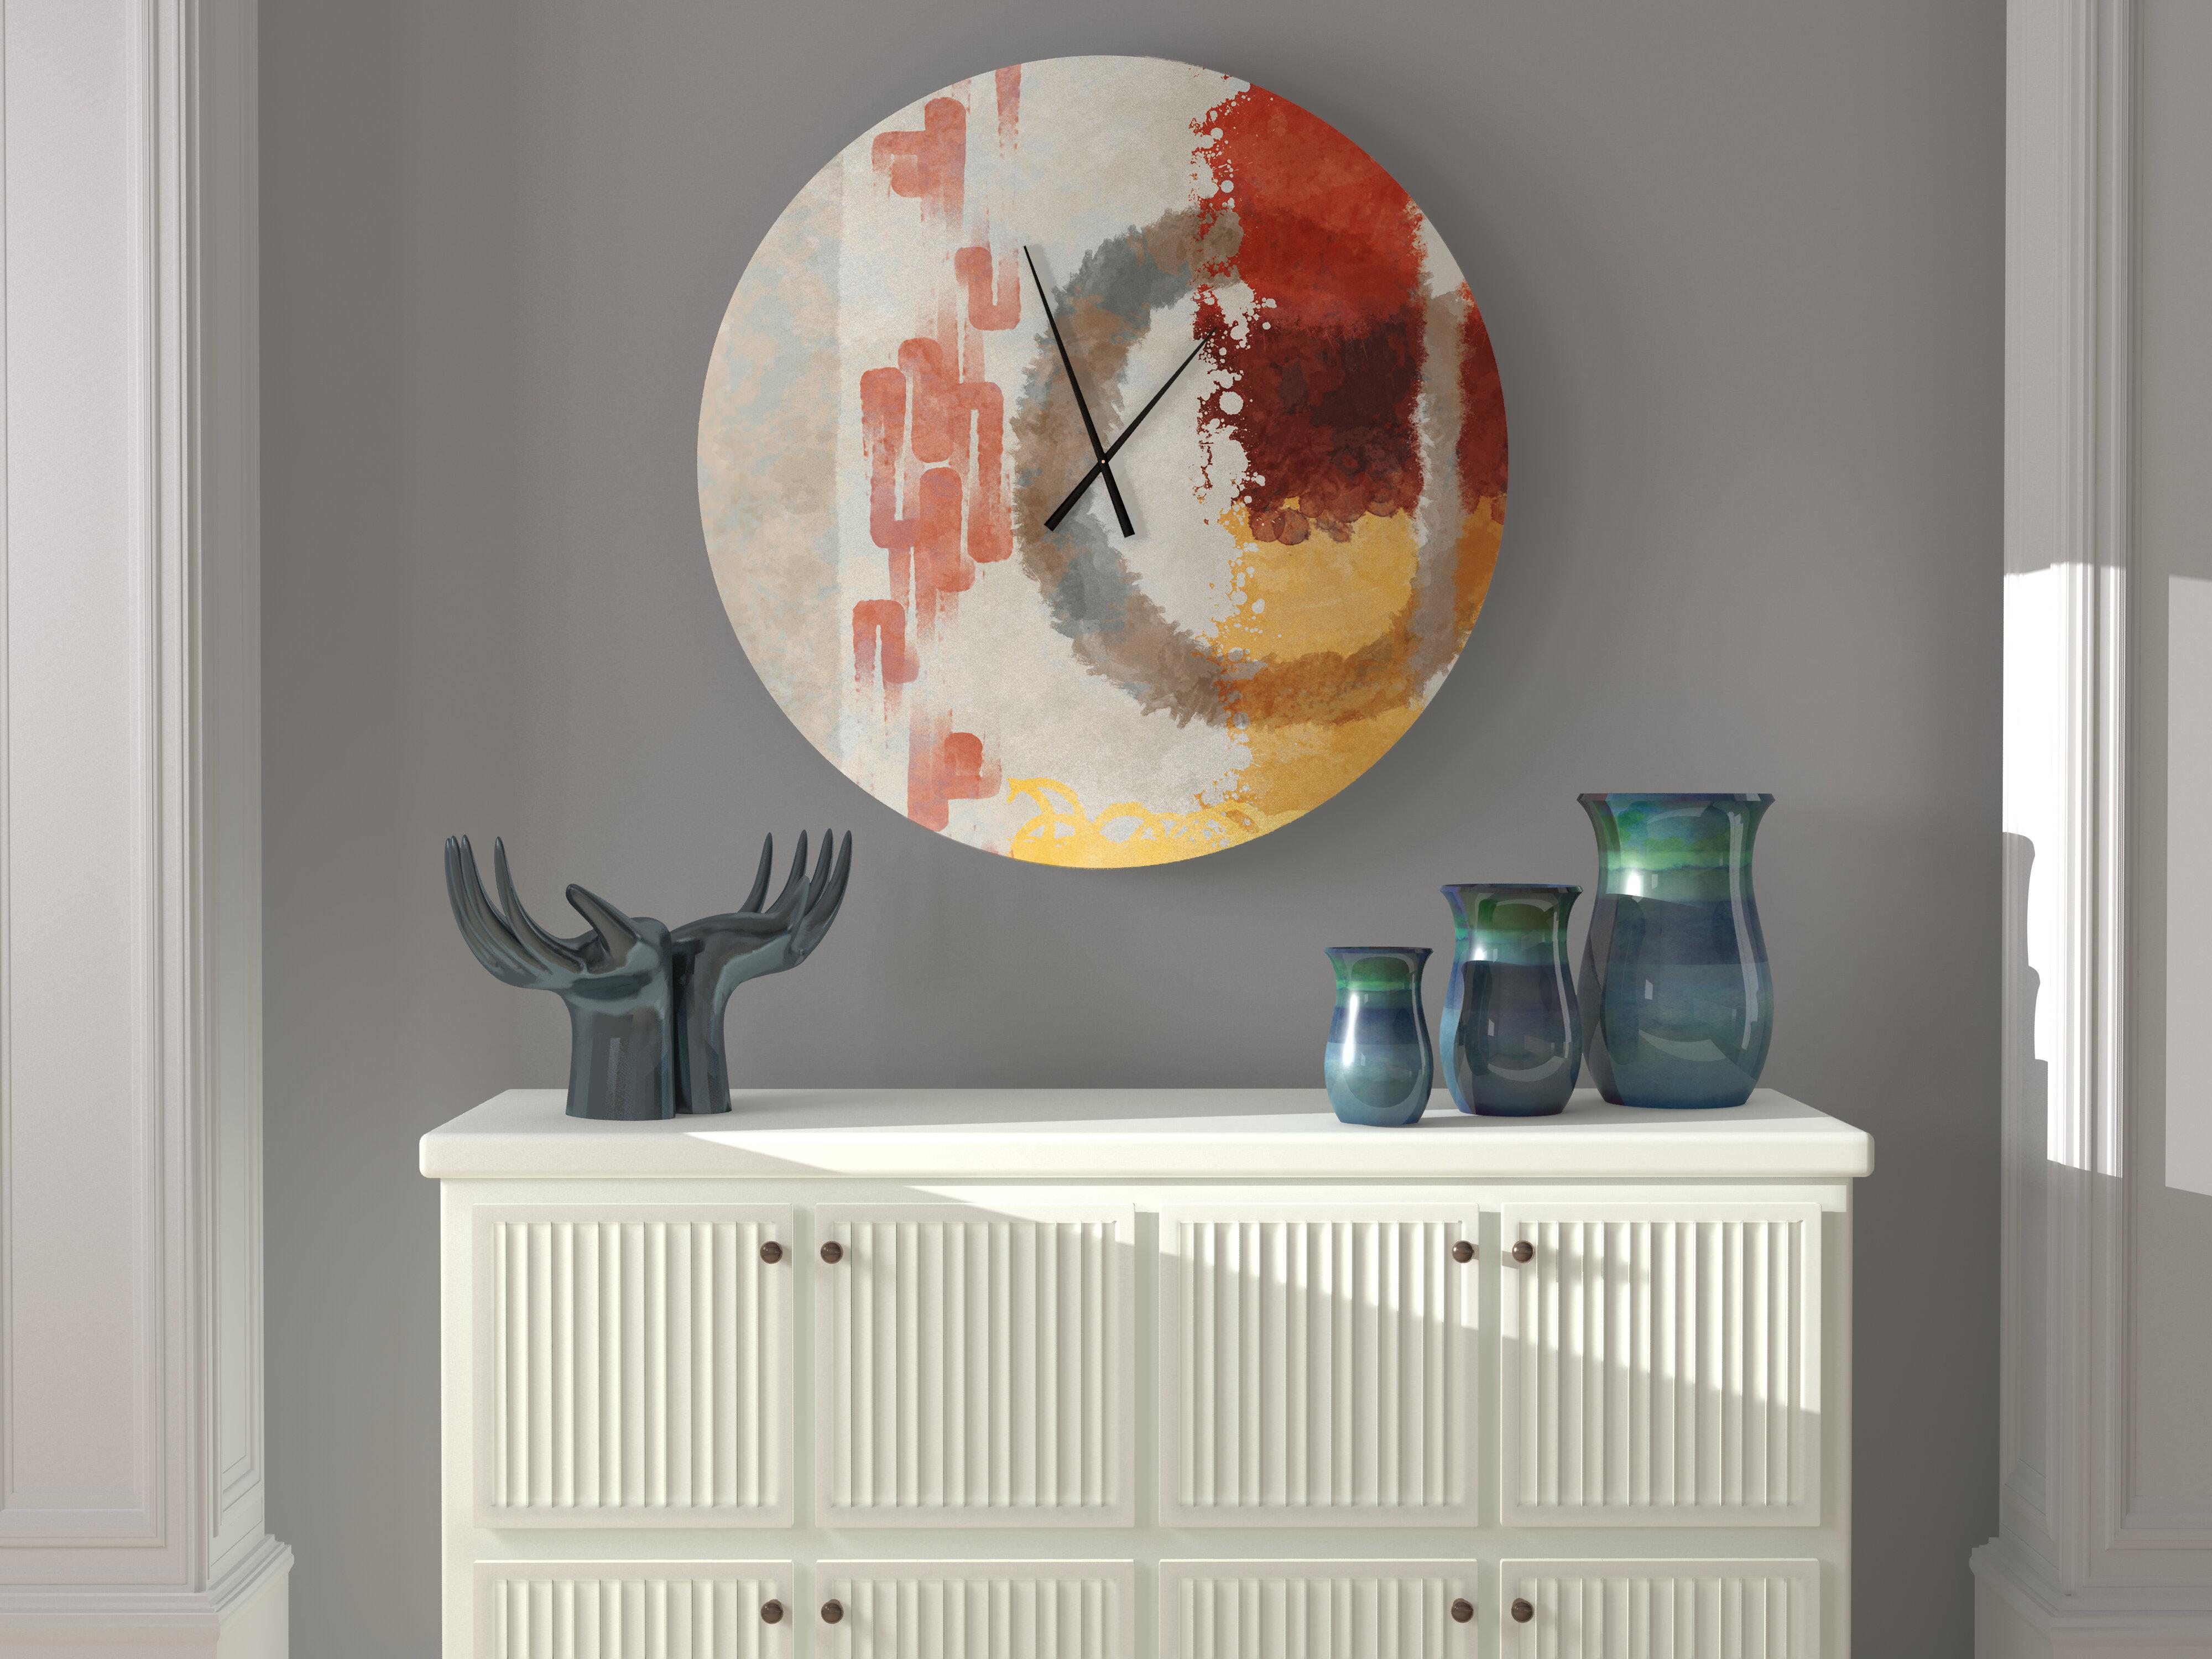 Ebern Designs Honest Affecting Abstract Wall Clock Wayfair